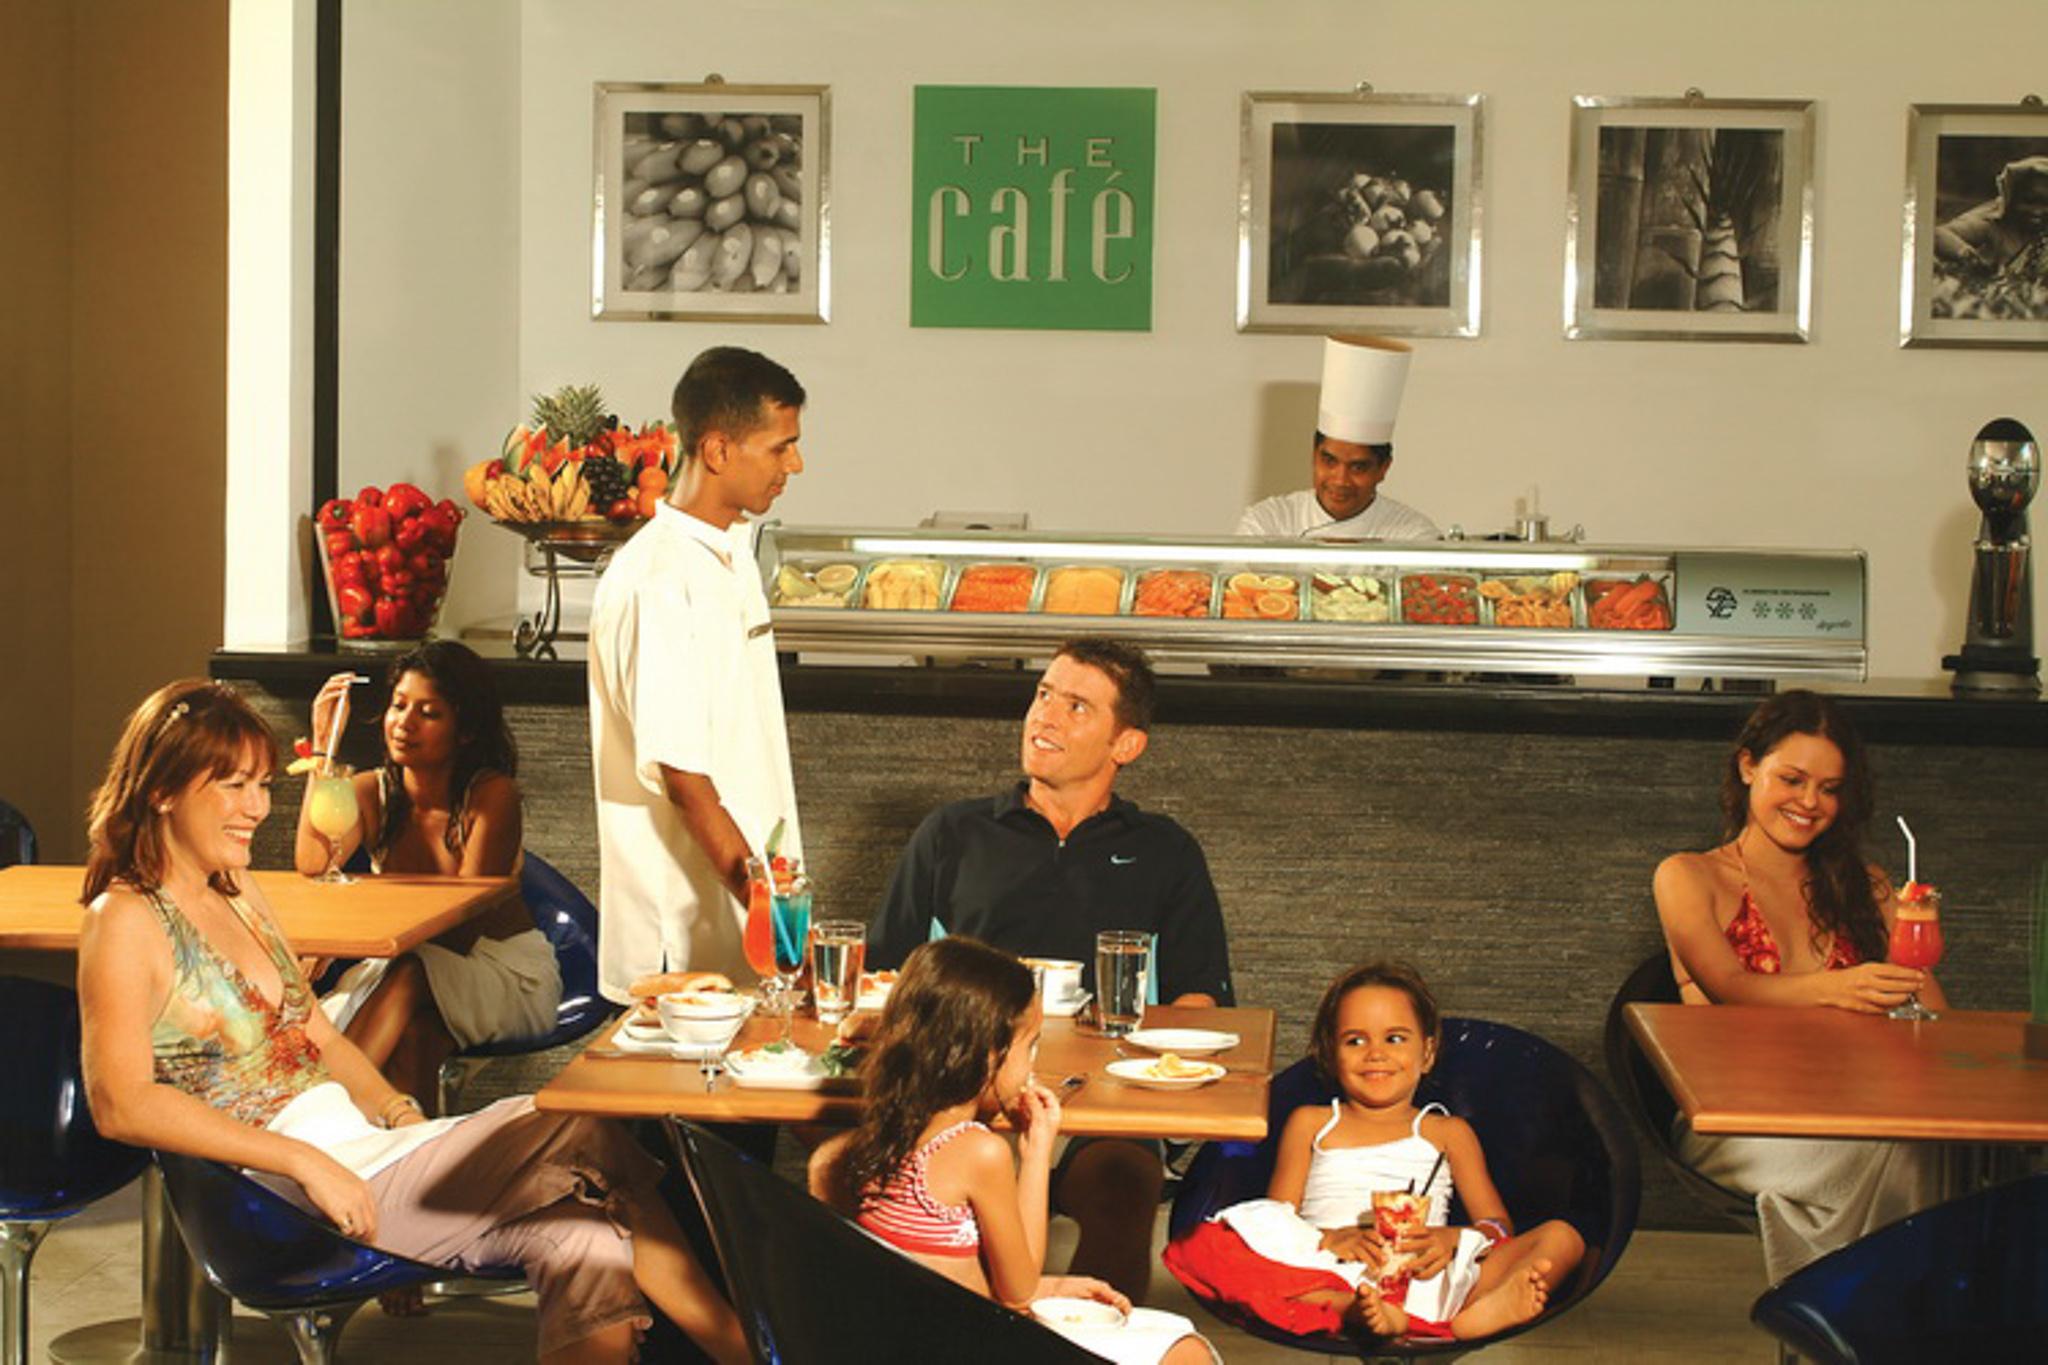 The Café is a cafe in Colombo, Sri Lanka